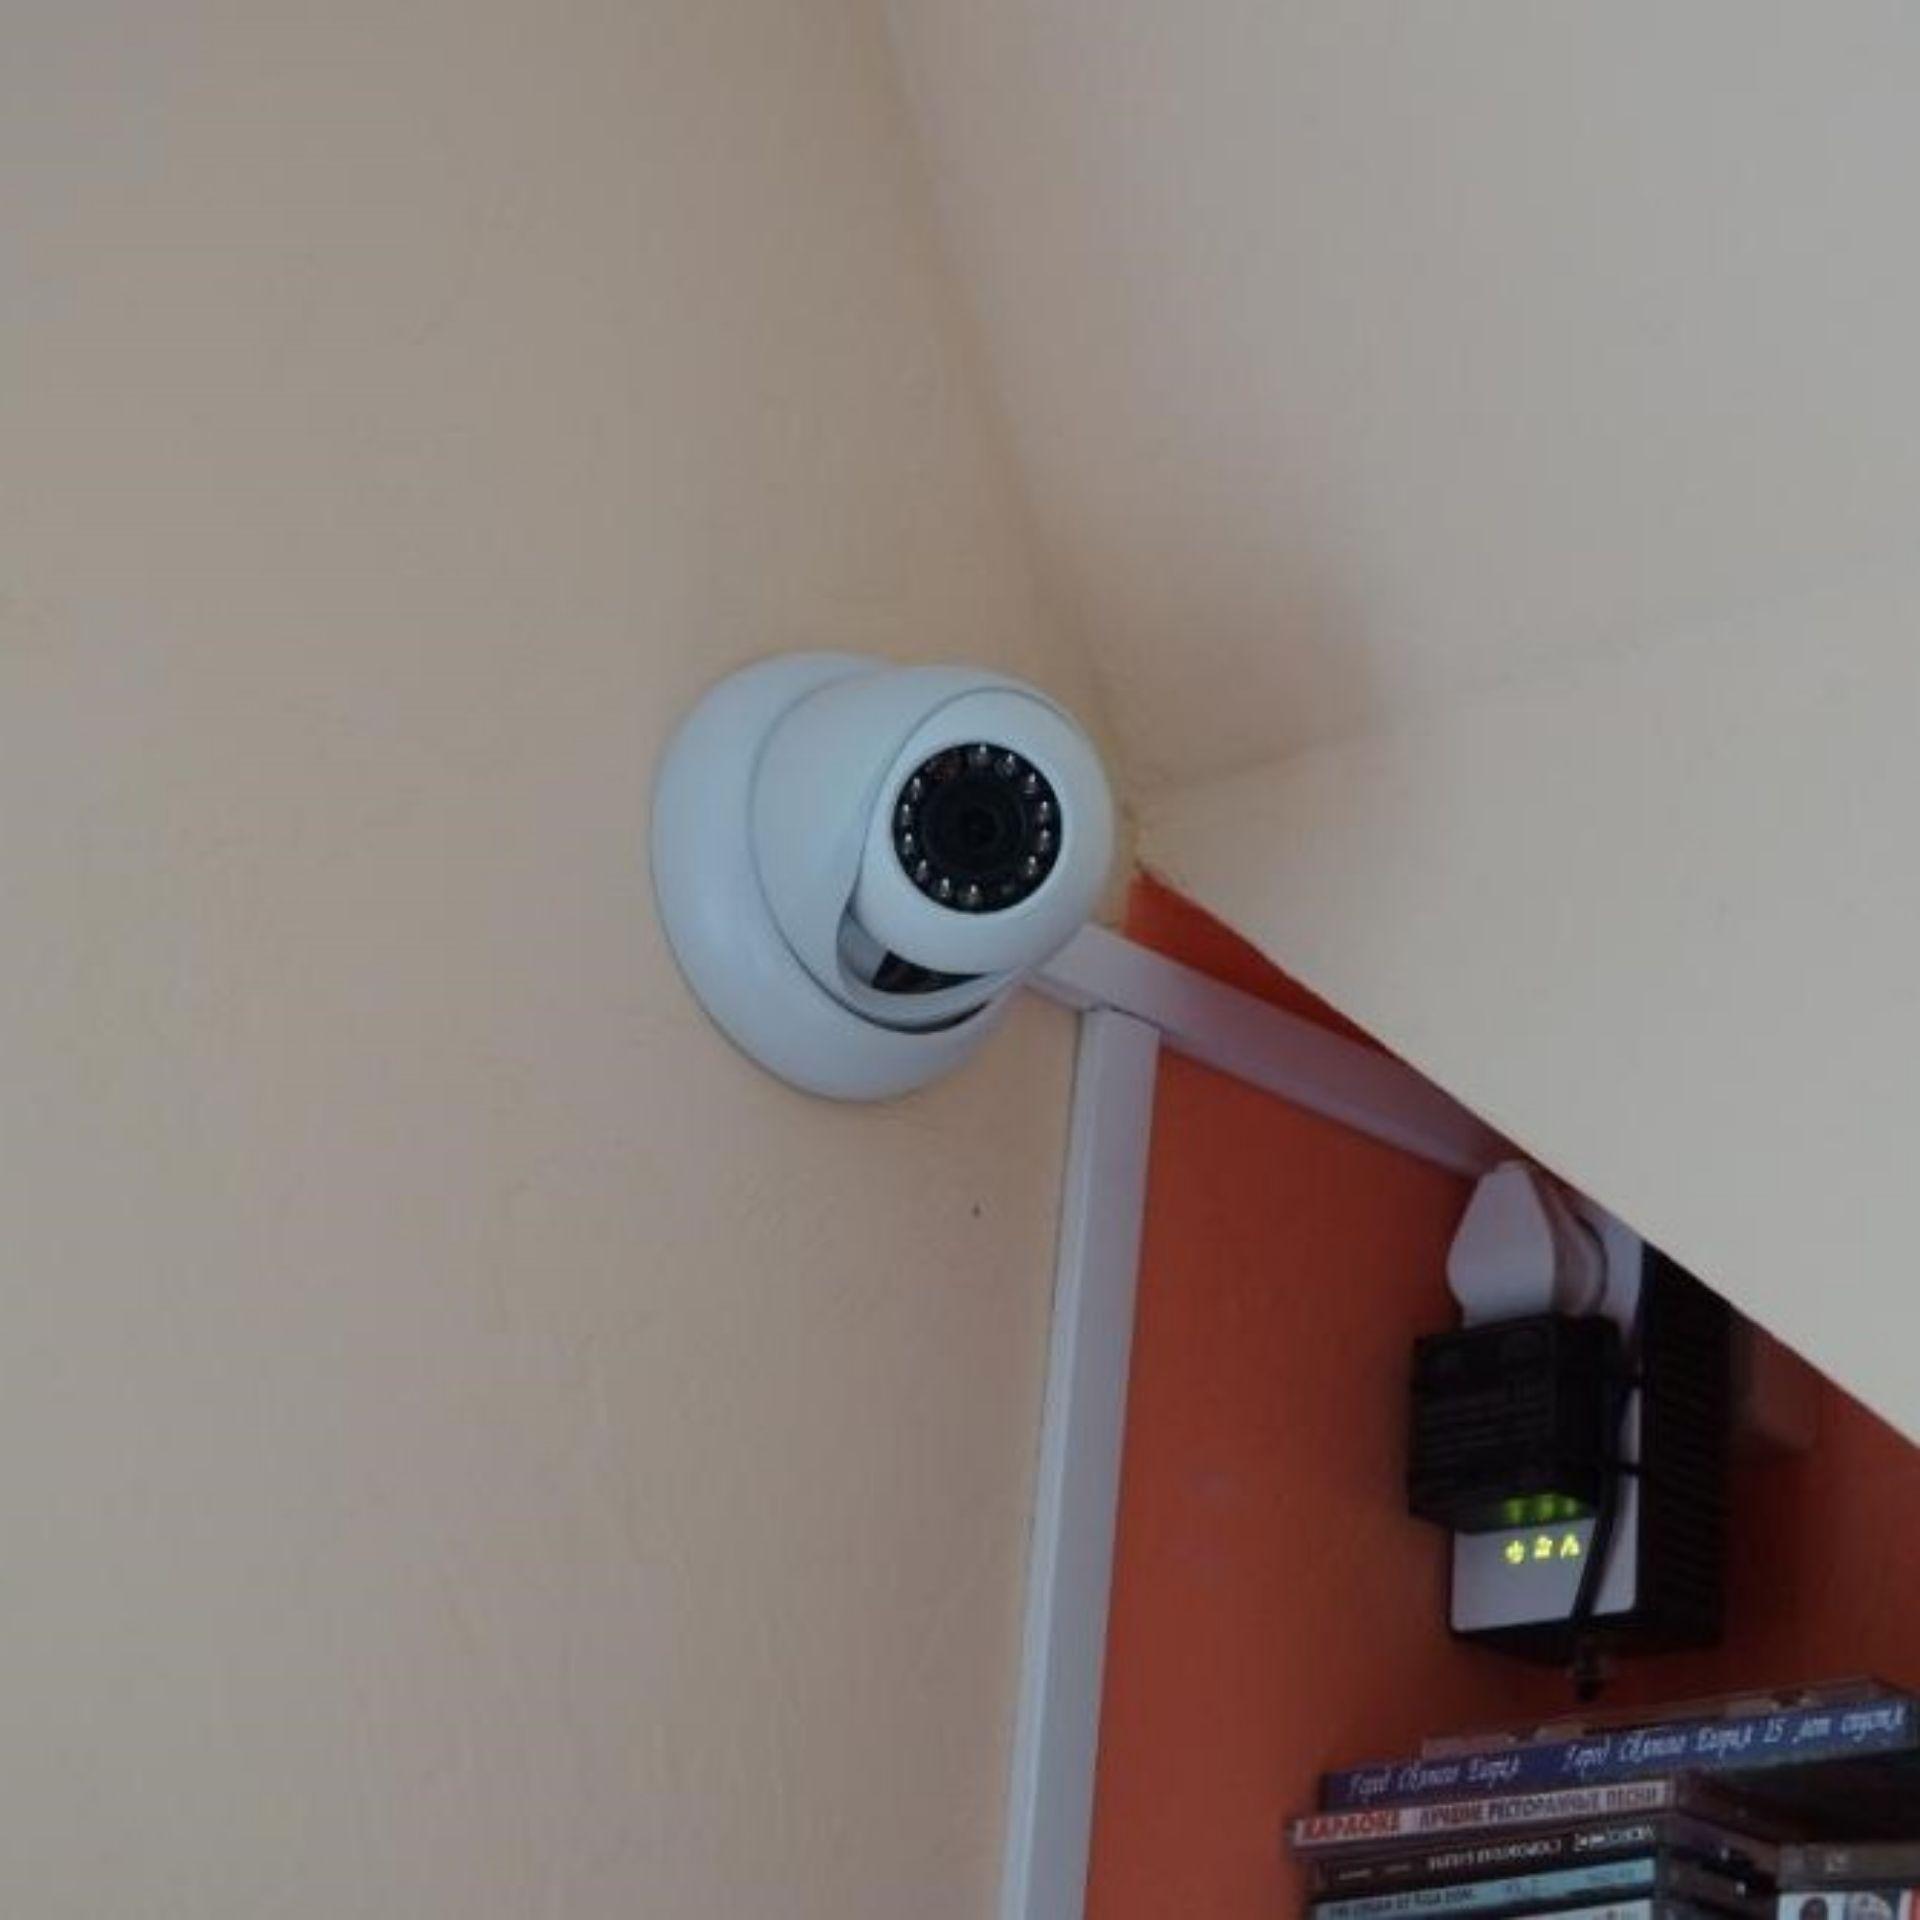 сделать веточку фотокамеры в квартире неудачи из-за